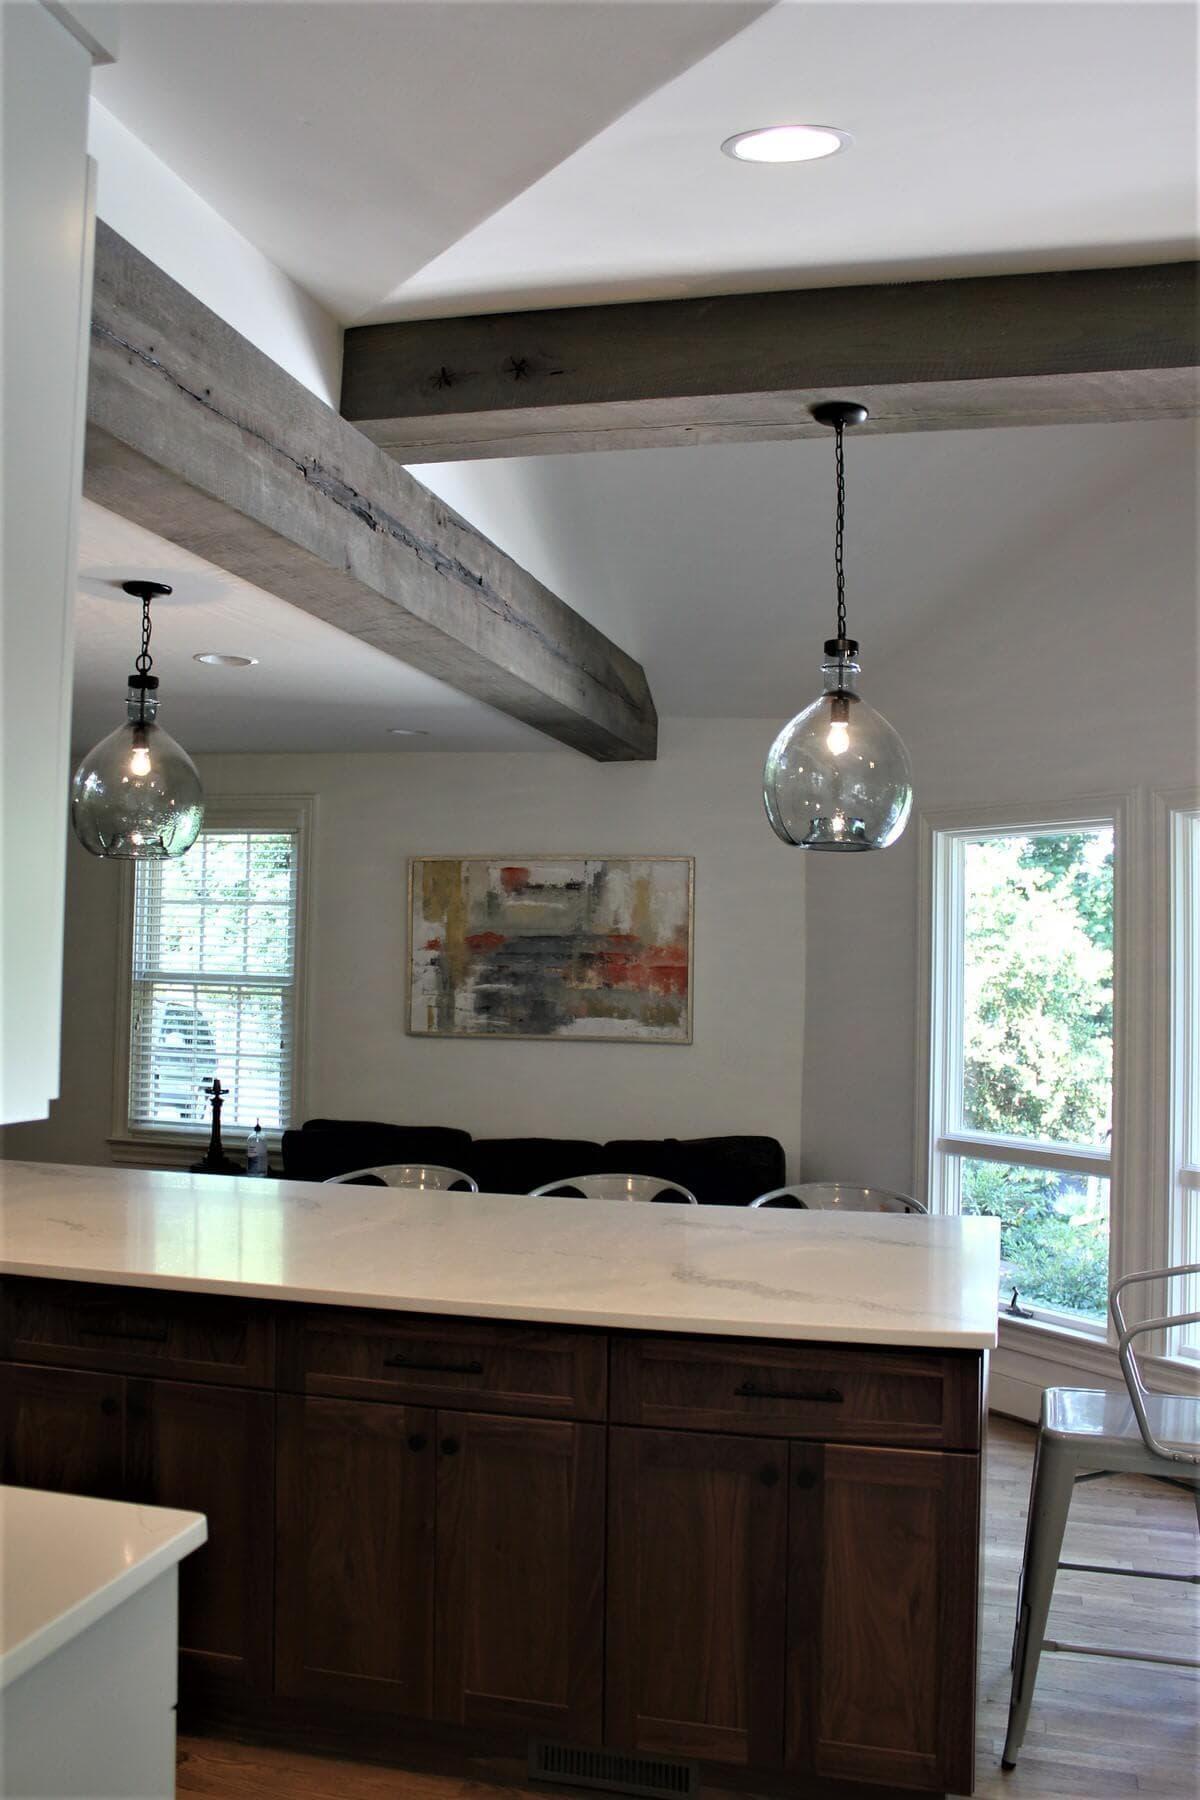 two Circle sawn box beams at angles in a kitchen